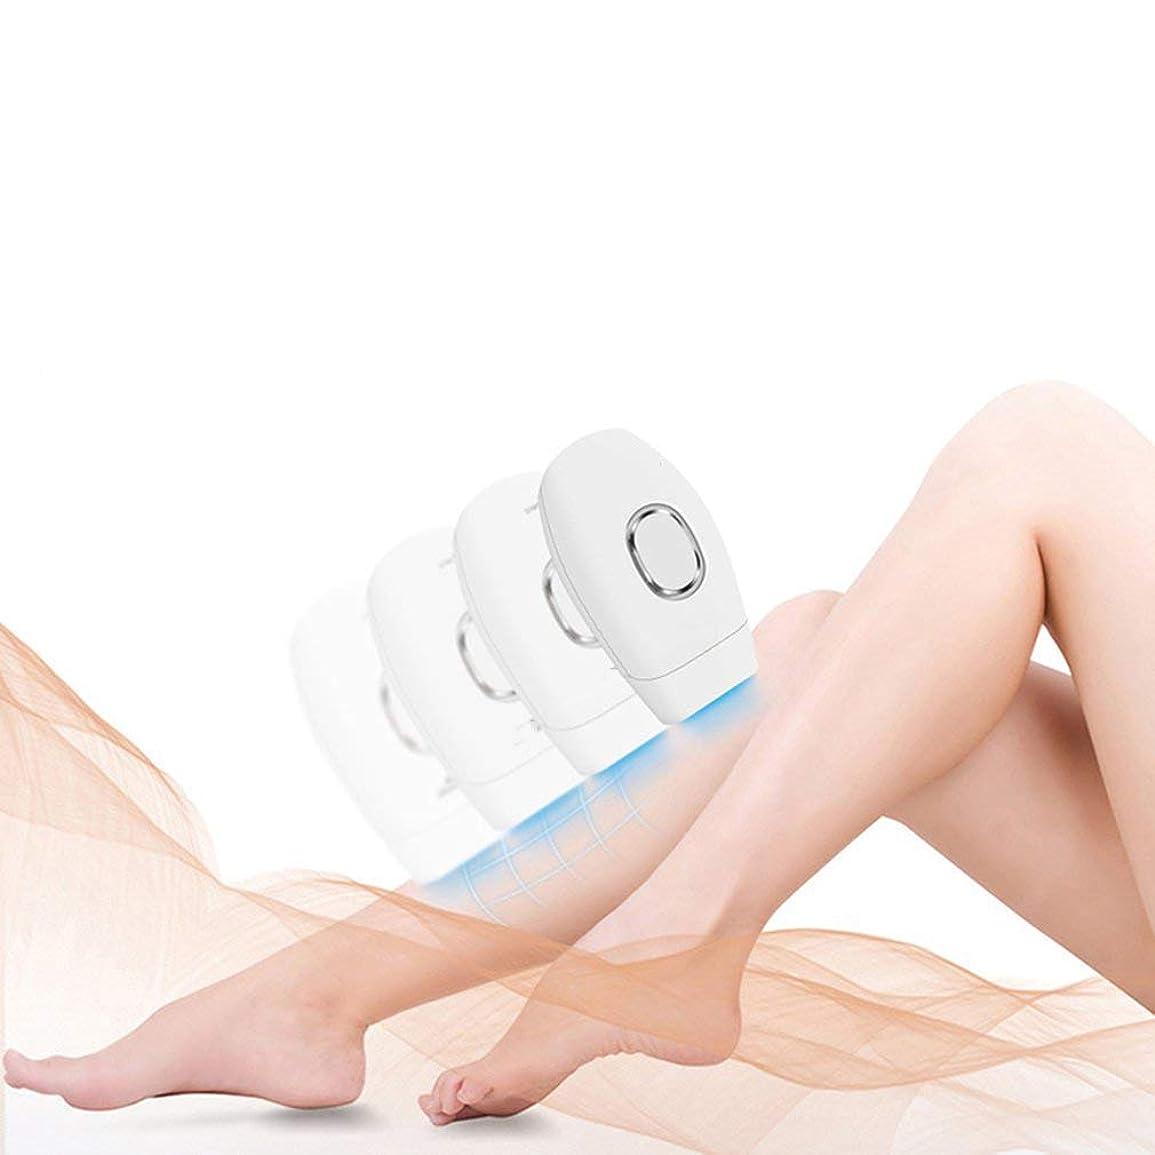 半球電気的胸女性用レーザー脱毛器、痛みのない糸引き機、電動バリカン、全身脇下ビキニトリム